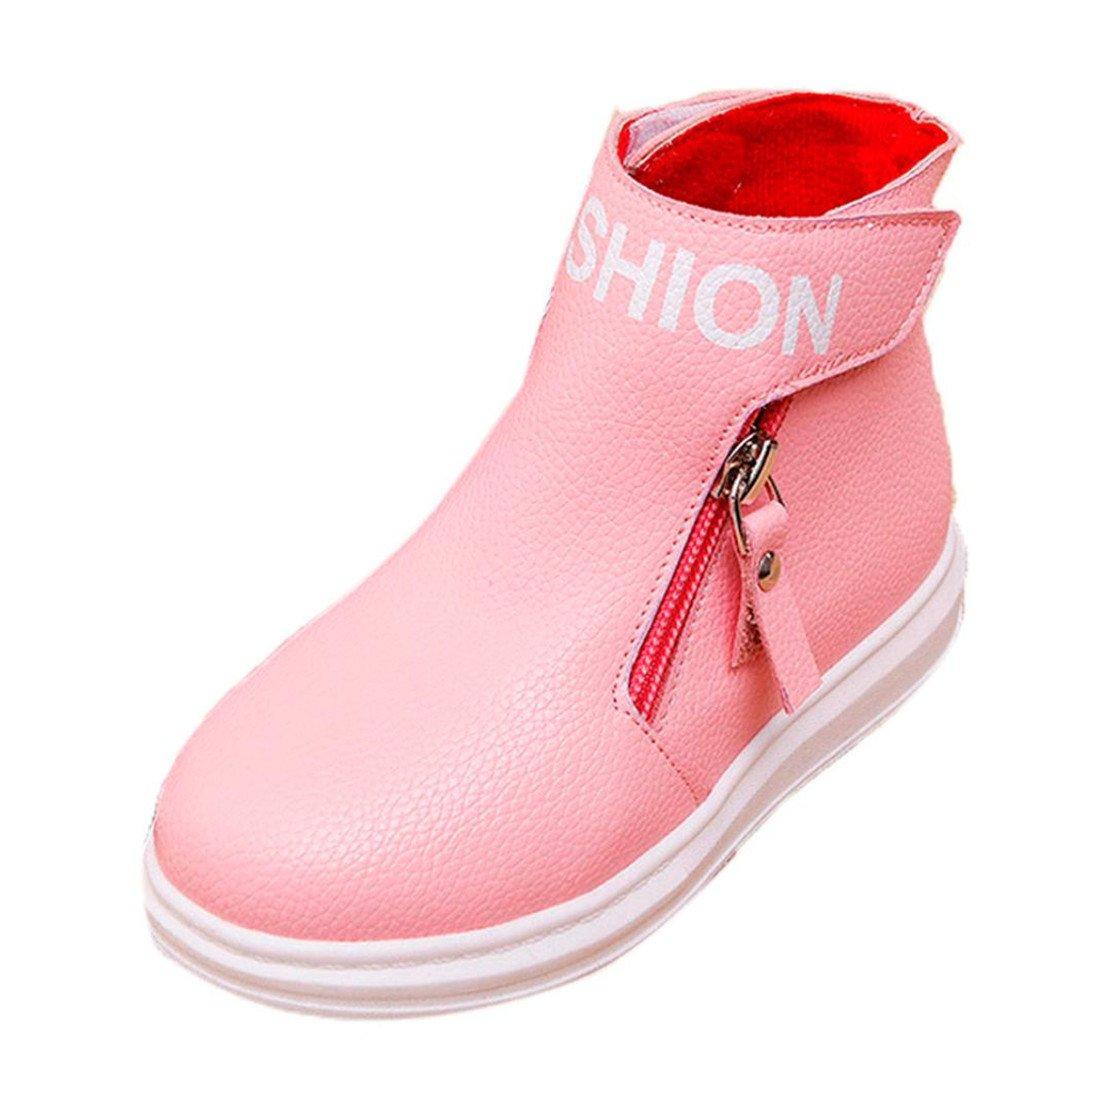 Btruely Kinder Warme Stiefel Mode Kinder Stiefel Baby Winter Schuhe Stiefel Jungen Mädchen Beiläufig Stiefel